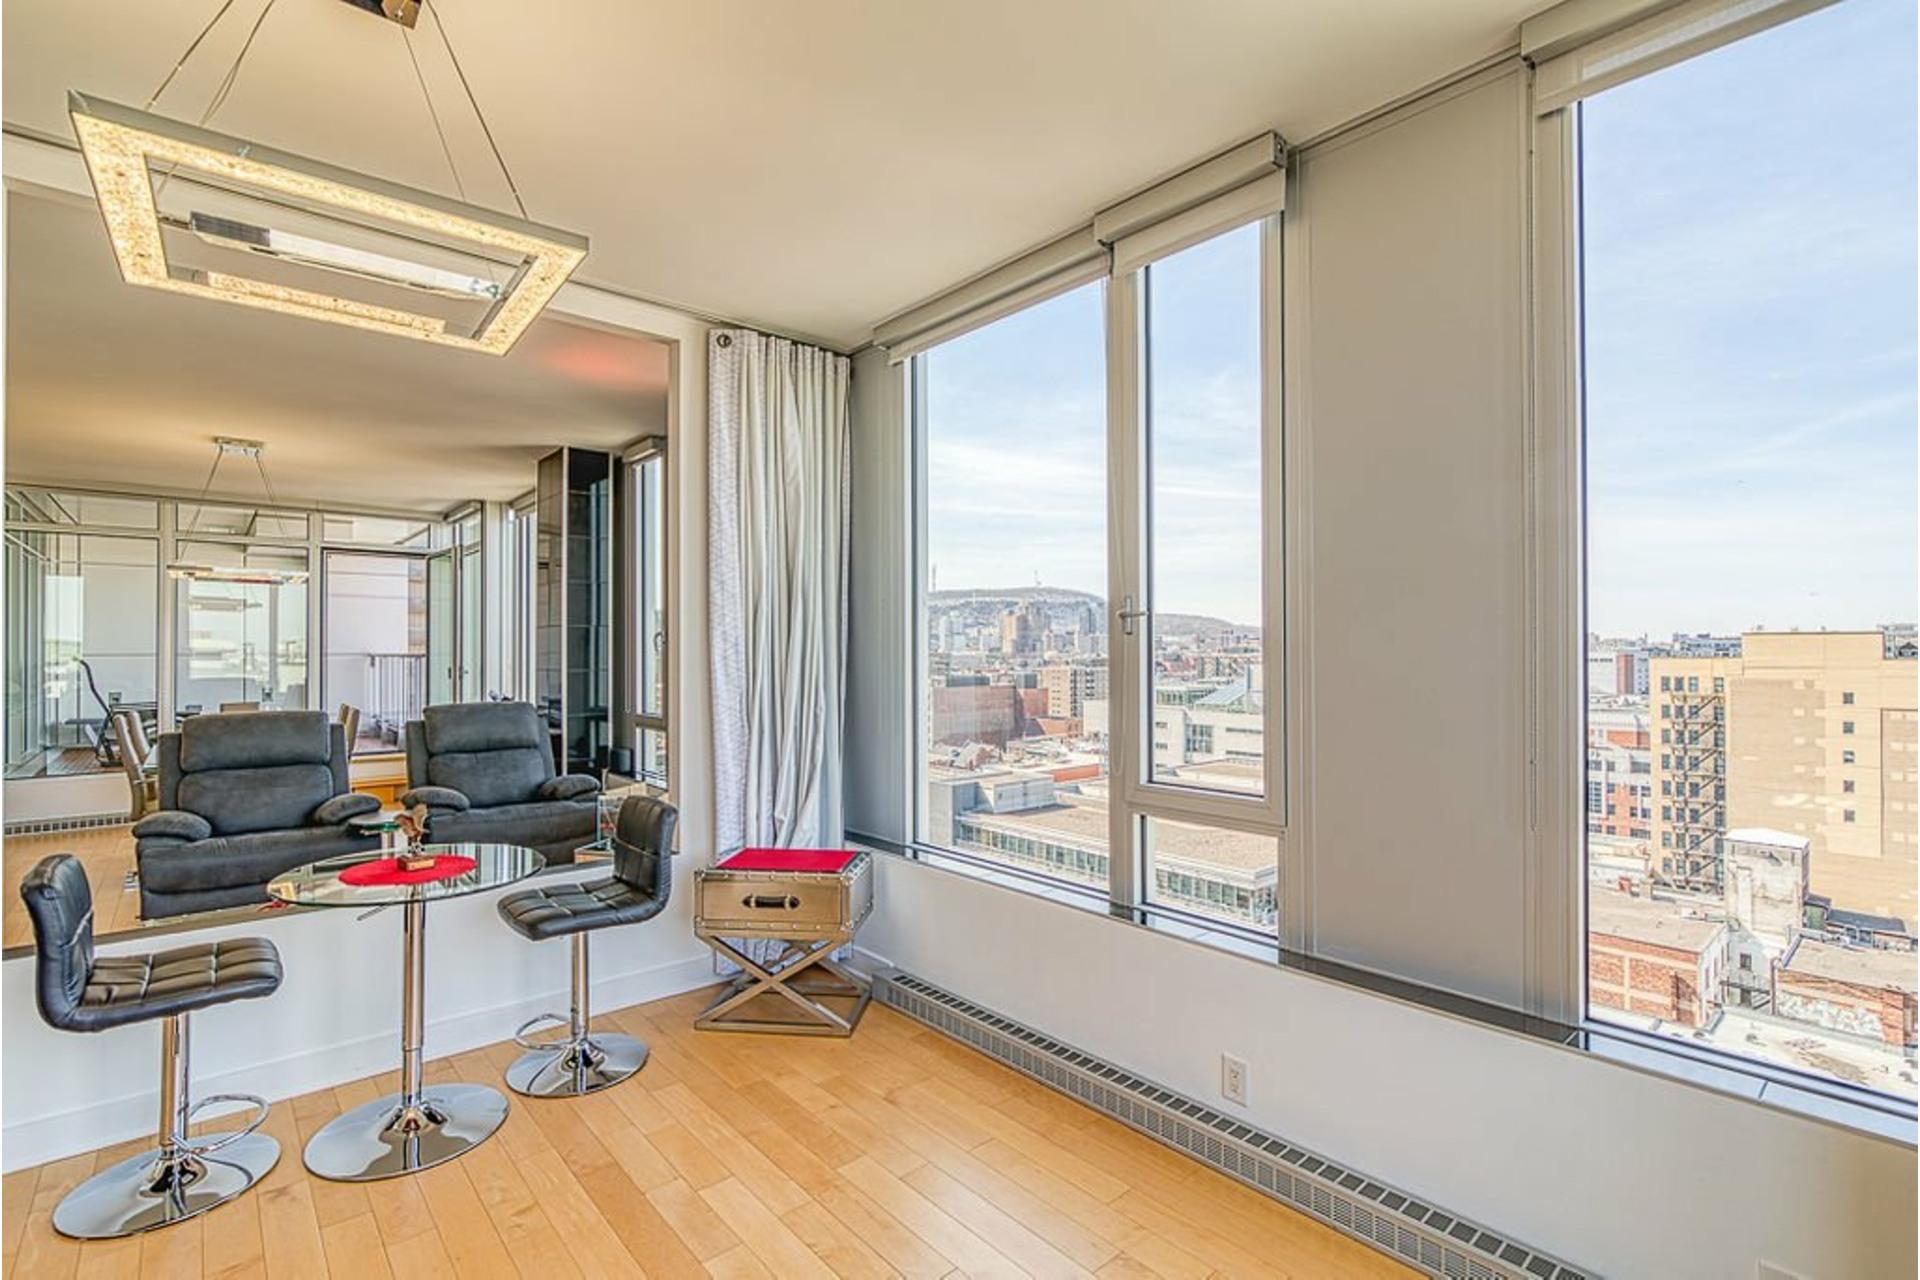 image 8 - Appartement À vendre Ville-Marie Montréal  - 7 pièces